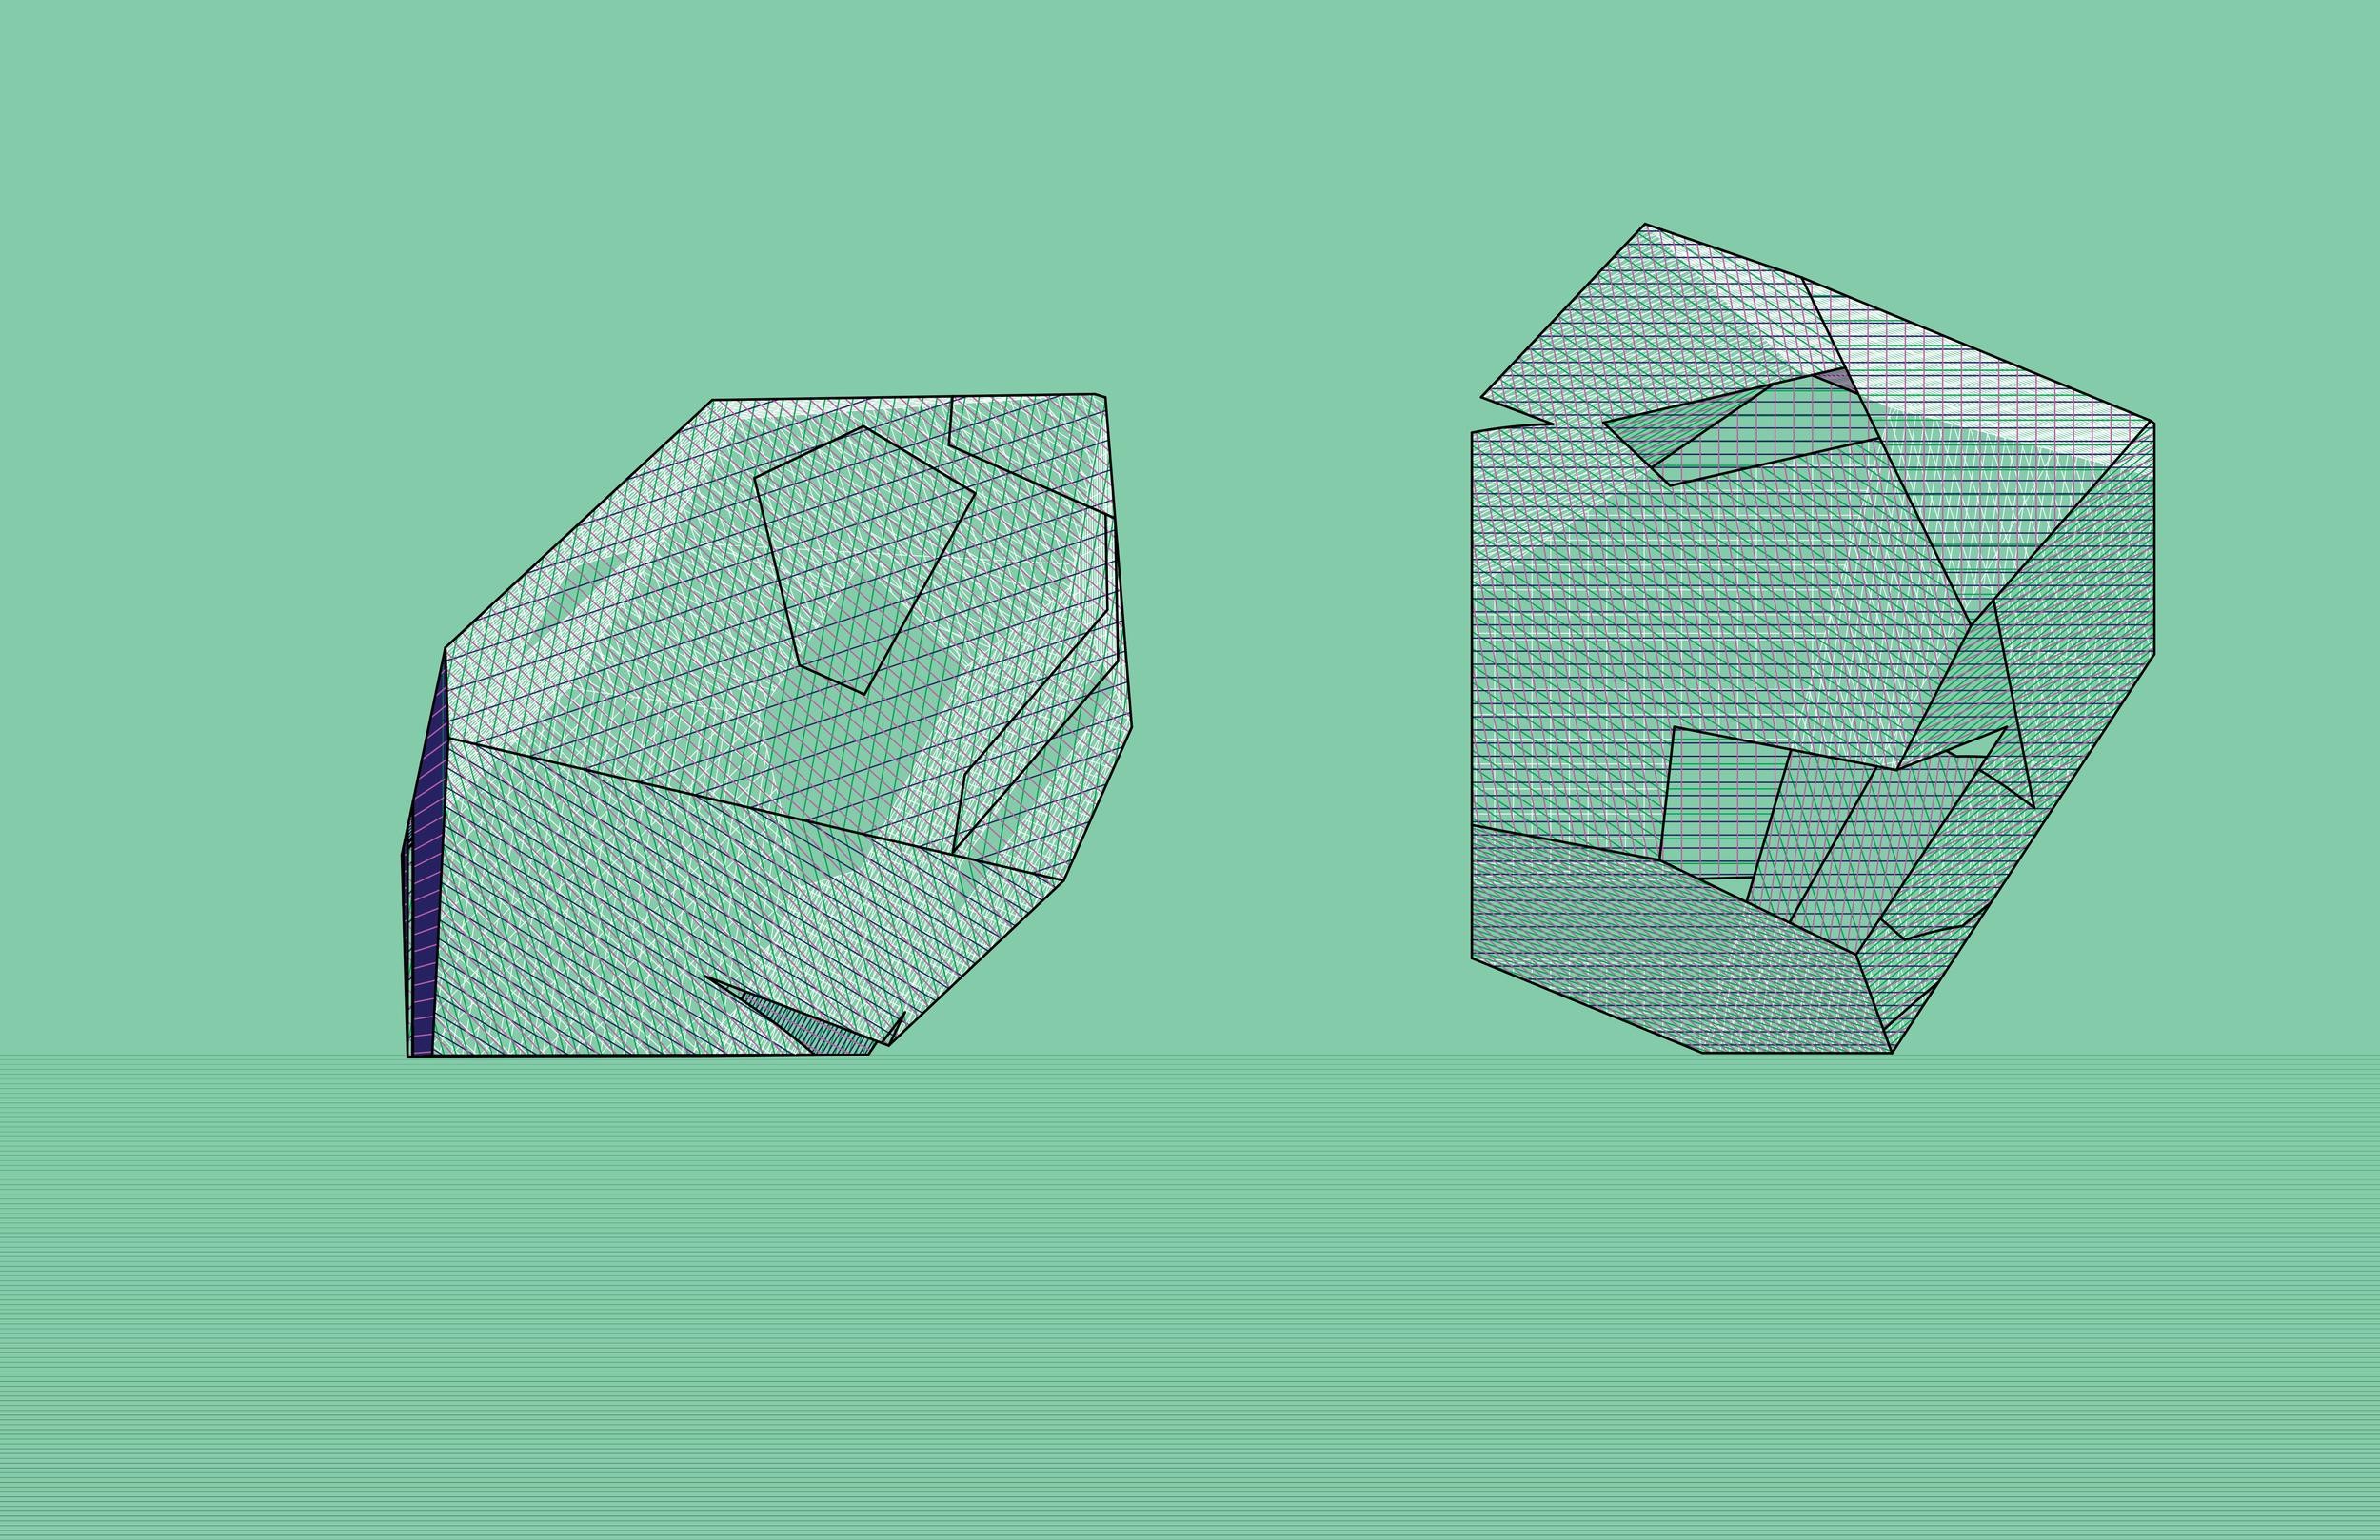 LA FORUM-Line Drawings_Mint-5.jpg